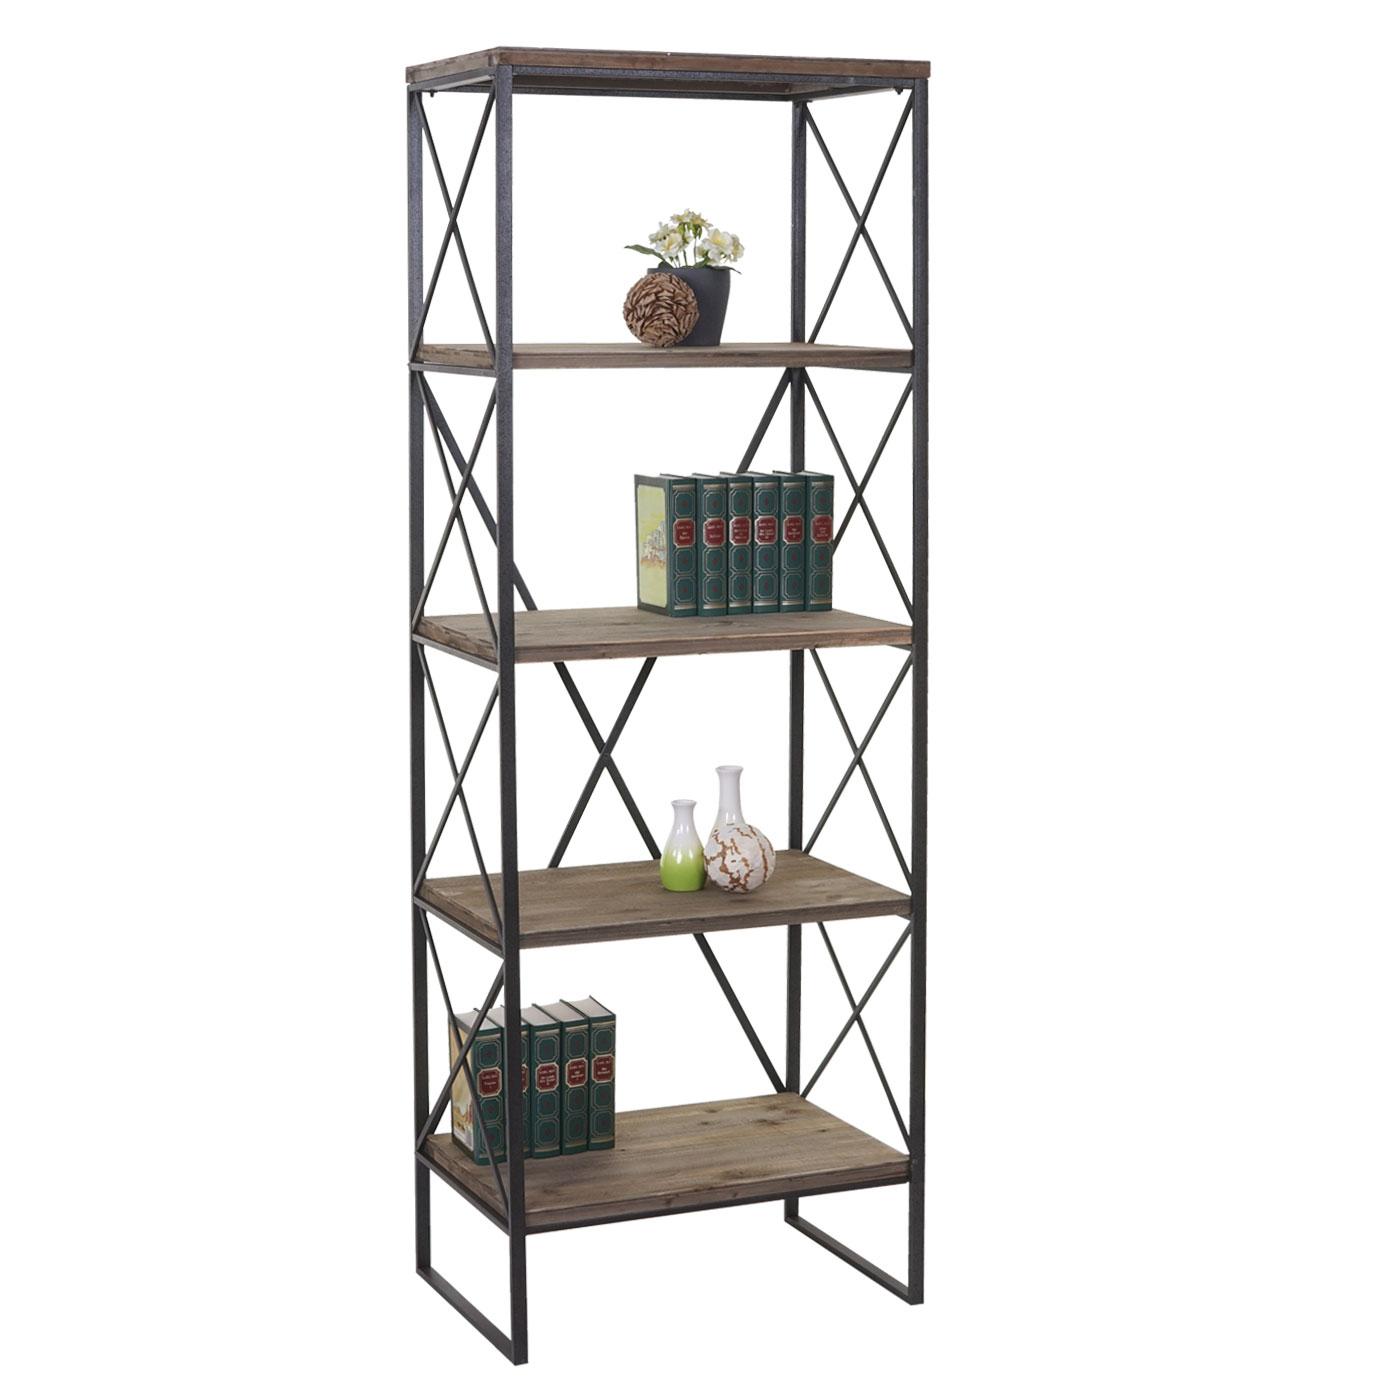 Scaffale Libreria Metallo.Dettagli Su Libreria Scaffale Hwc C10 Legno E Metallo 5 Ripiani 40x60x174cm